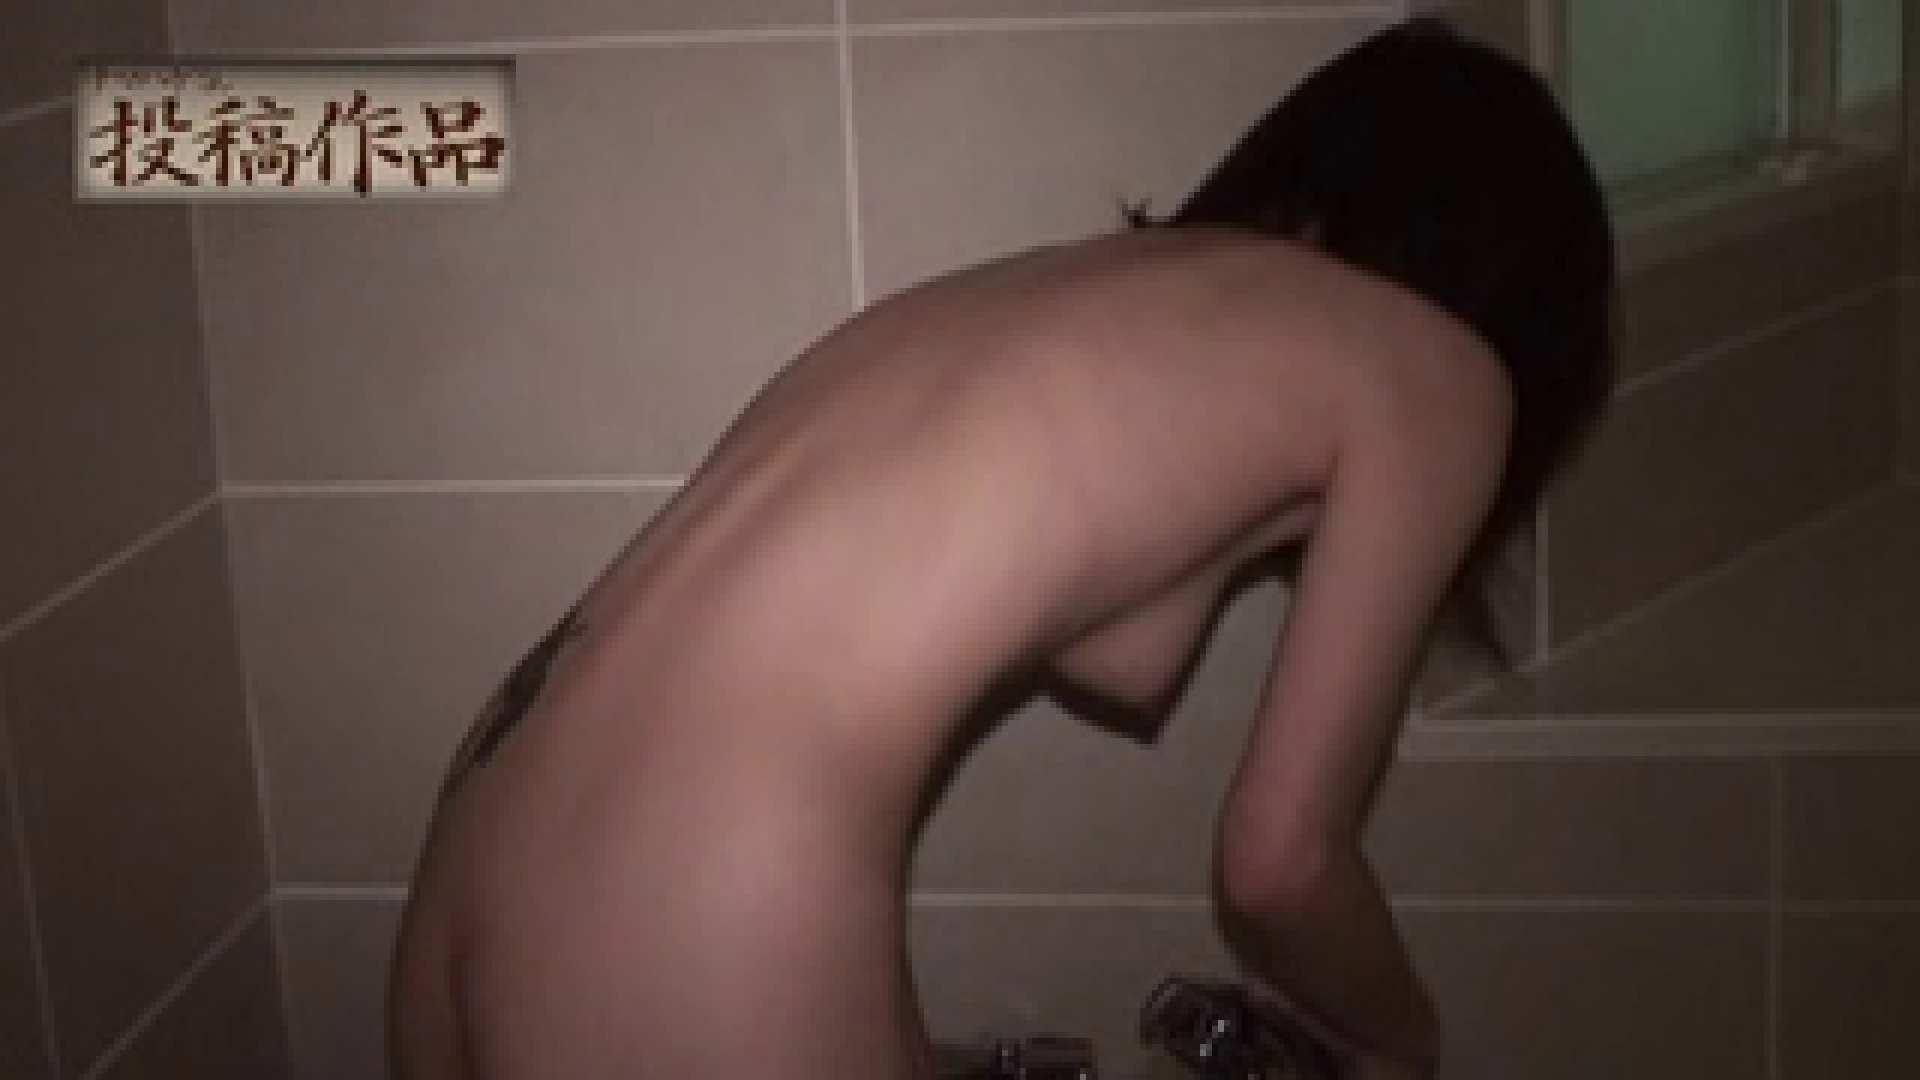 ナマハゲさんのまんこコレクション mai オマンコ丸見え   盗撮エロすぎ  49連発 7